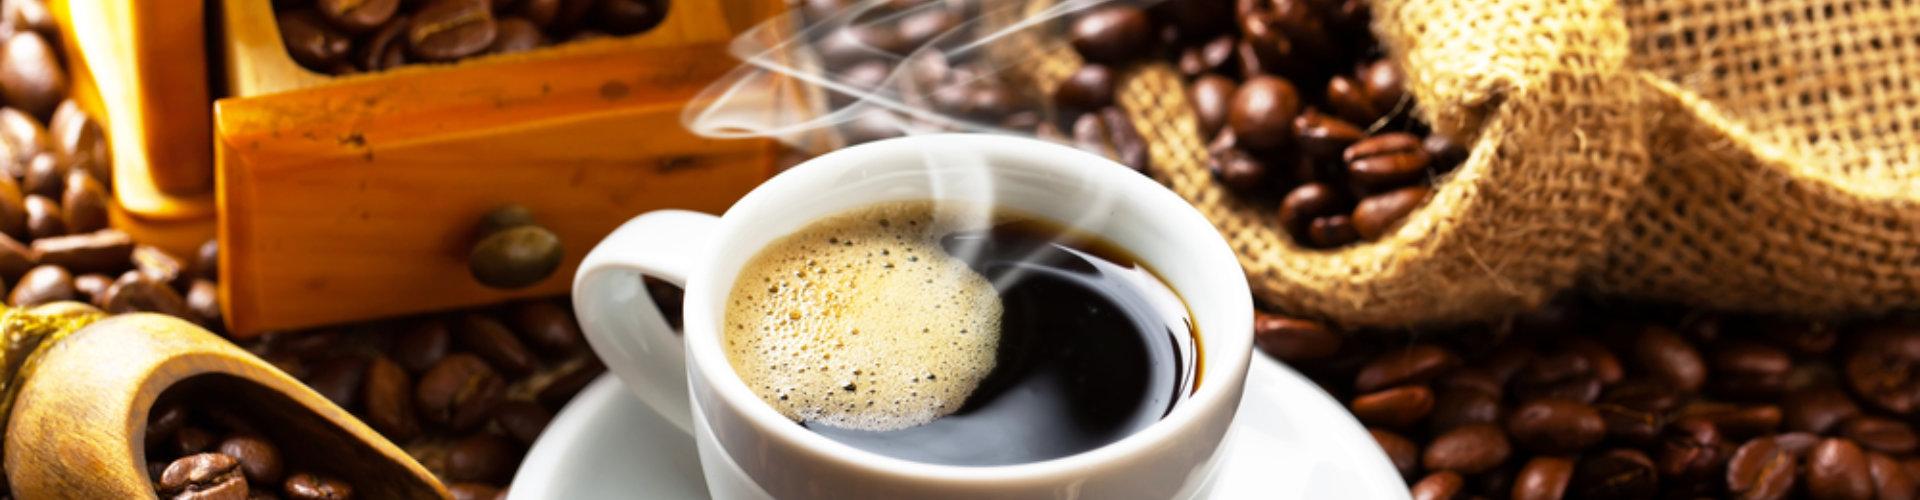 Kaffeeservice Kaffeeversorgung München | Trink Oase frischer Kaffee